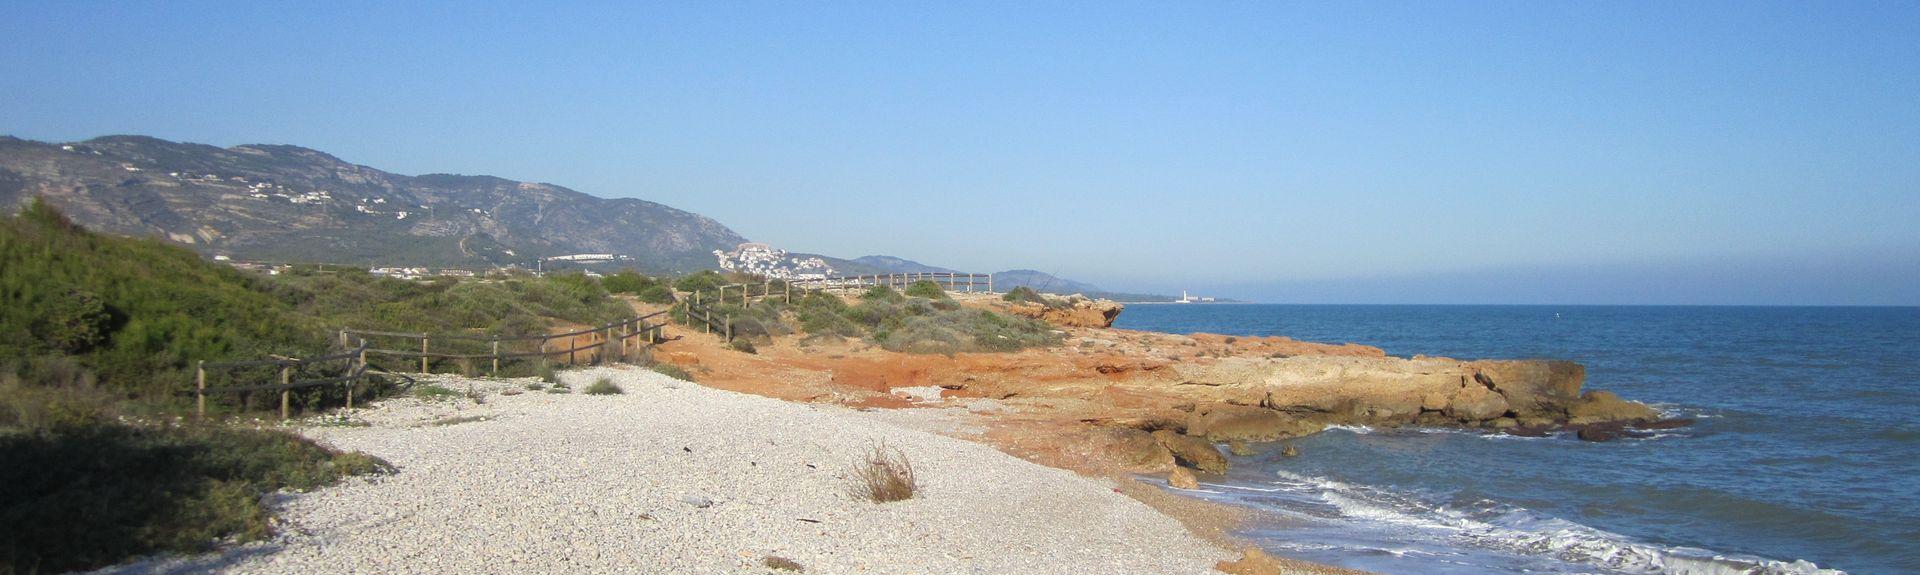 Torrenostra, Comunità Valenzana, Spagna